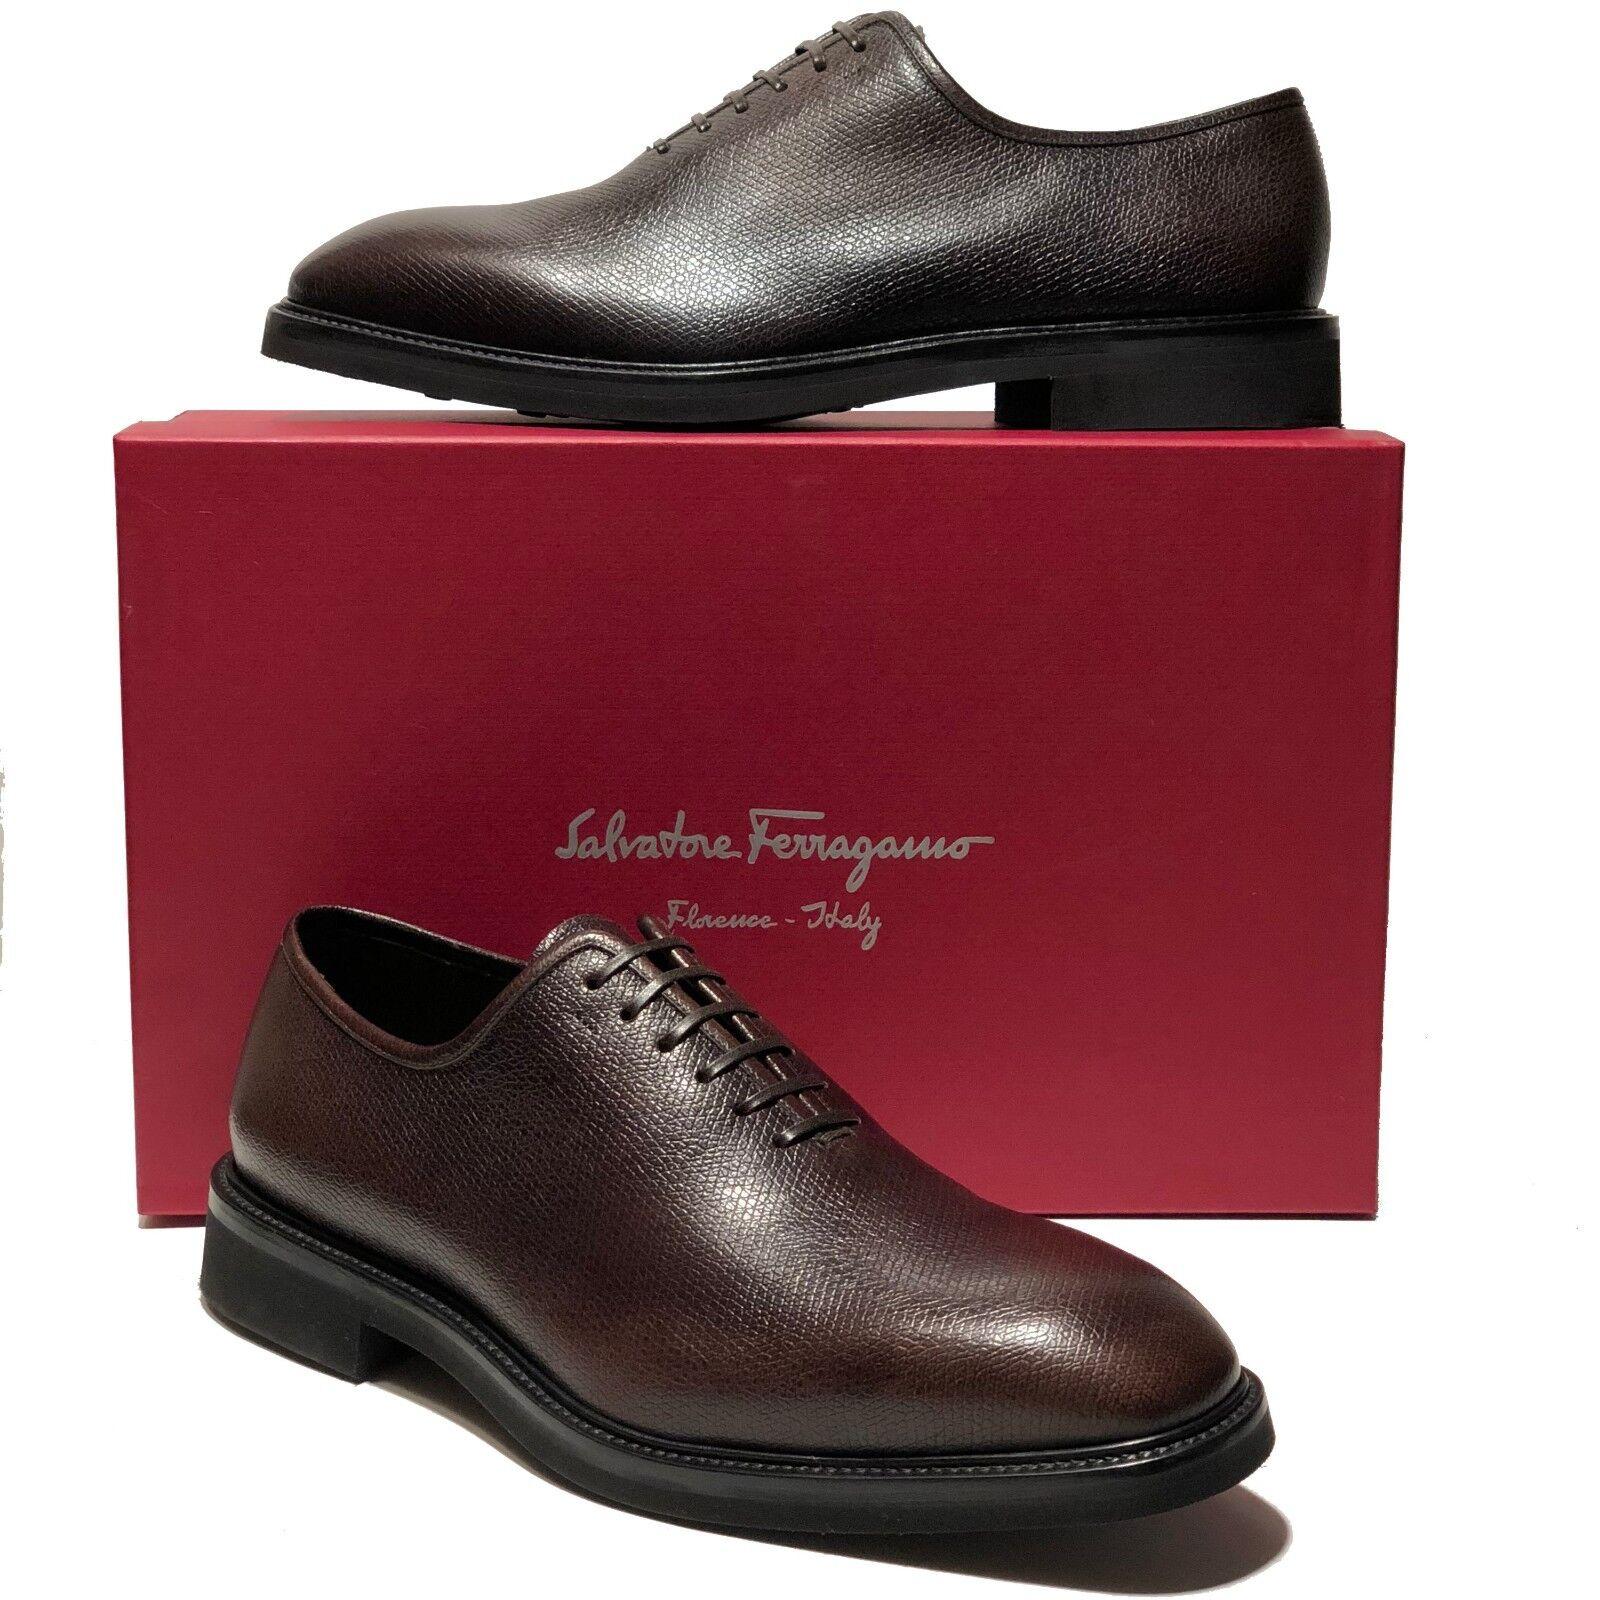 5a979bee Zapatos De Vestir Ferragamo Filosofo Oxford Cuero con Guijarros Marrón Para  Hombres Informal Derby